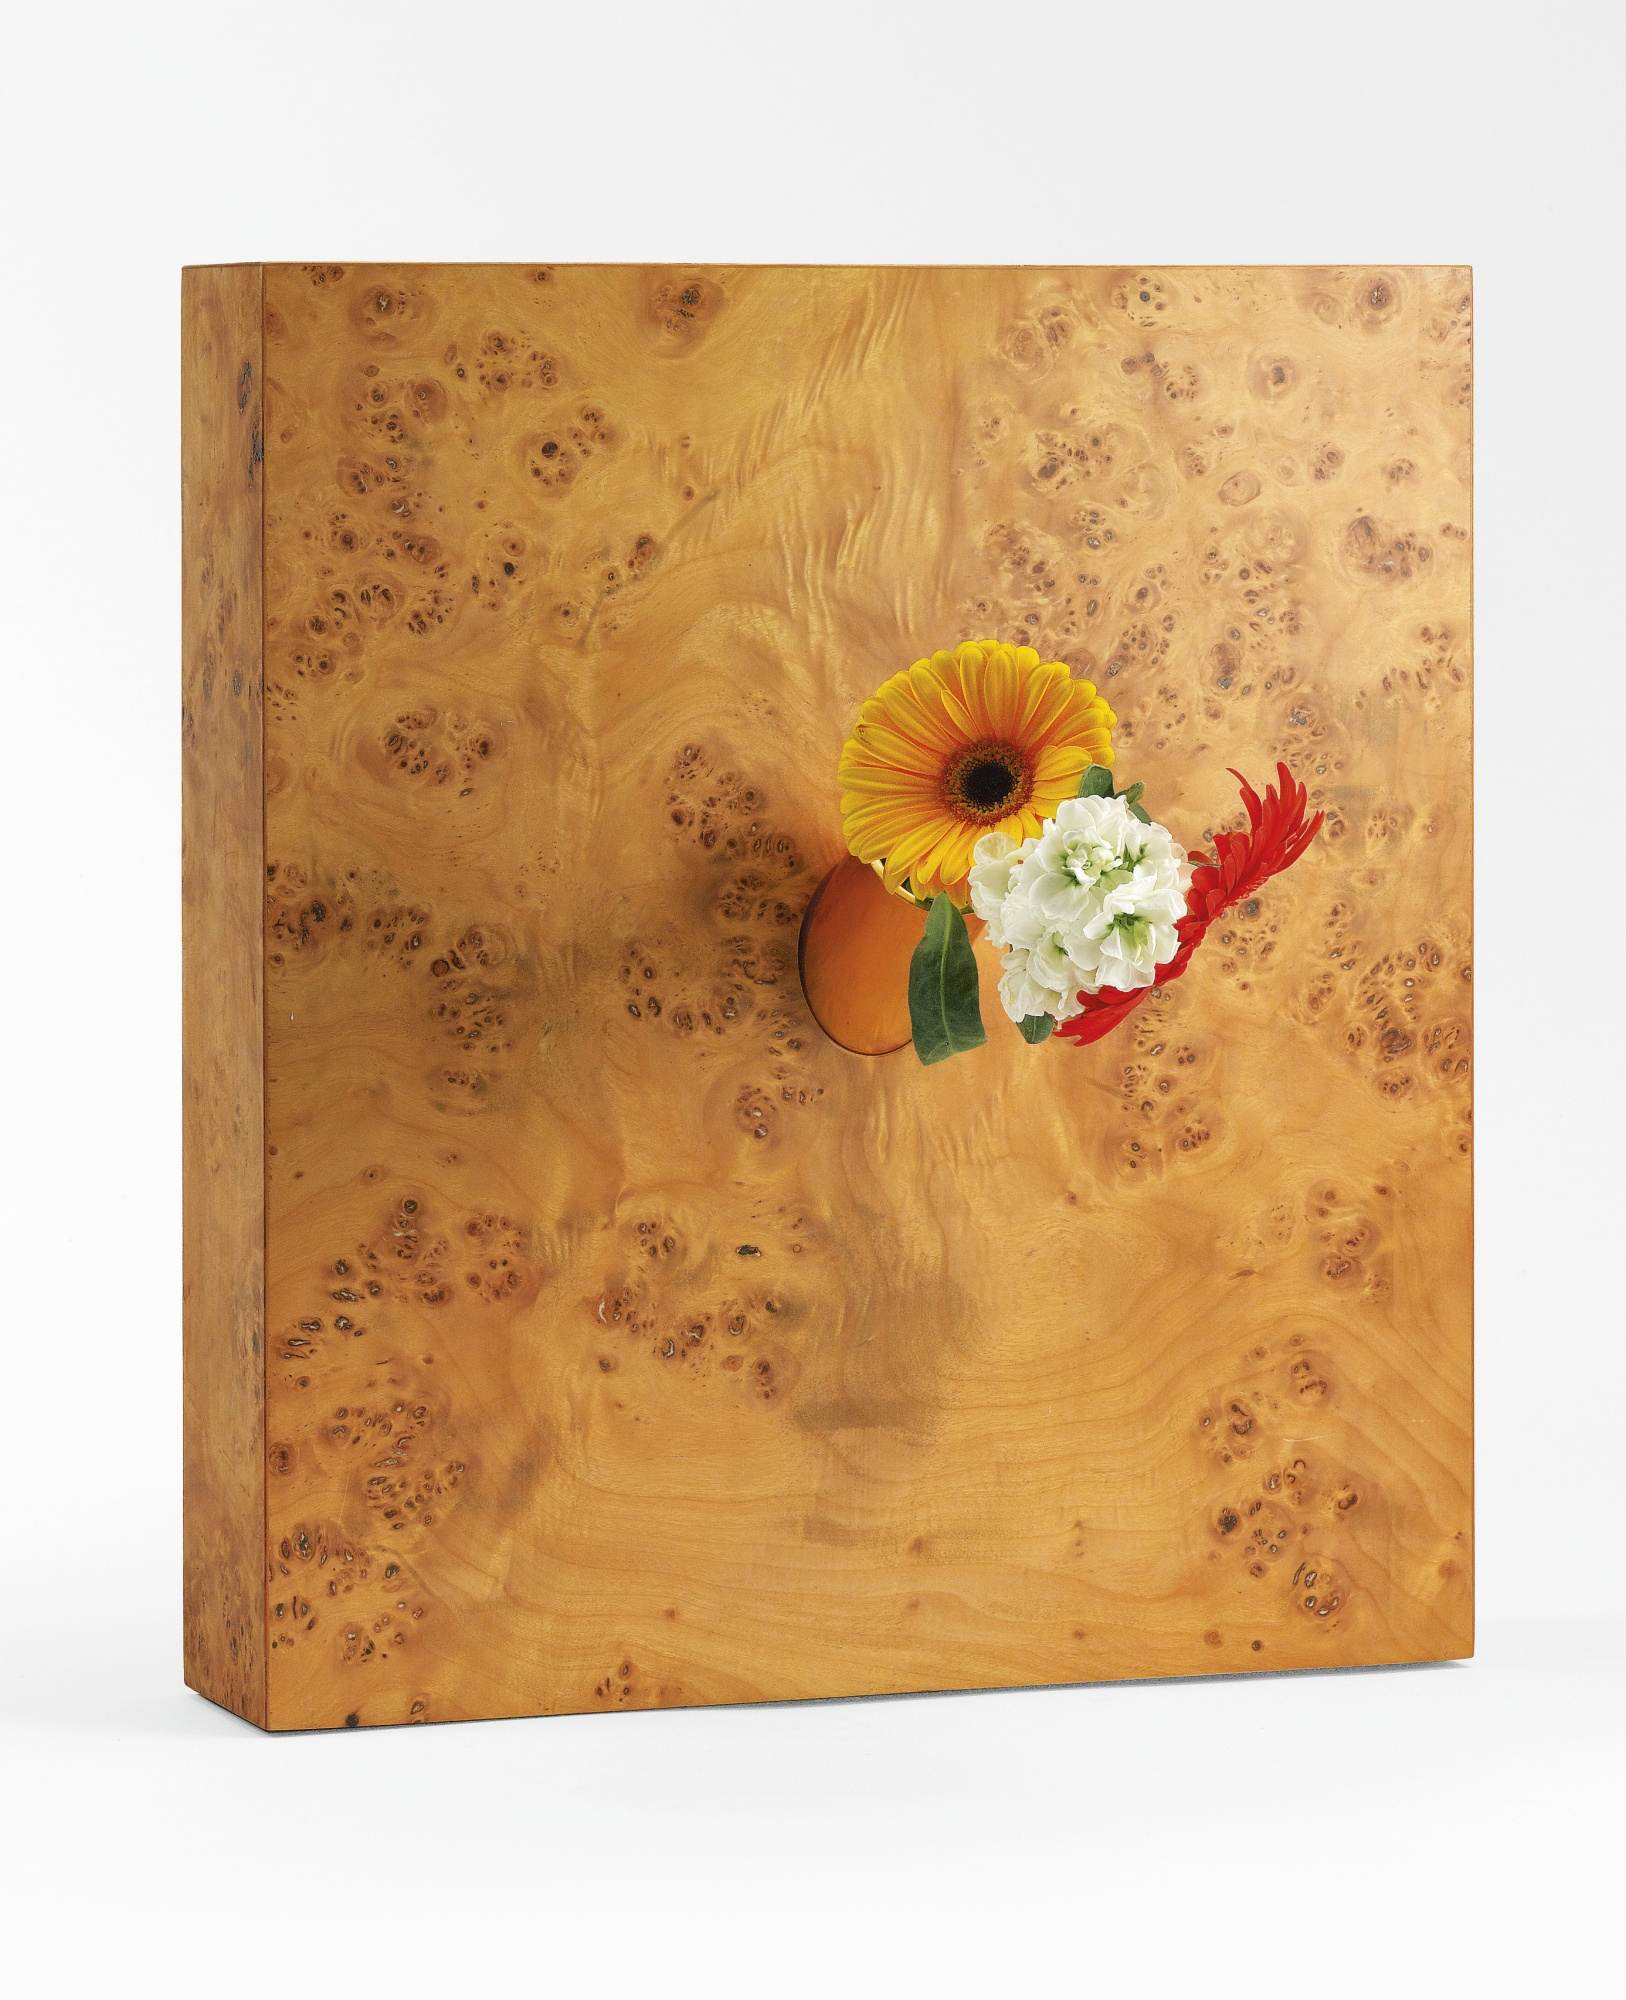 Ettore Sottsass-Flower Vase-1995